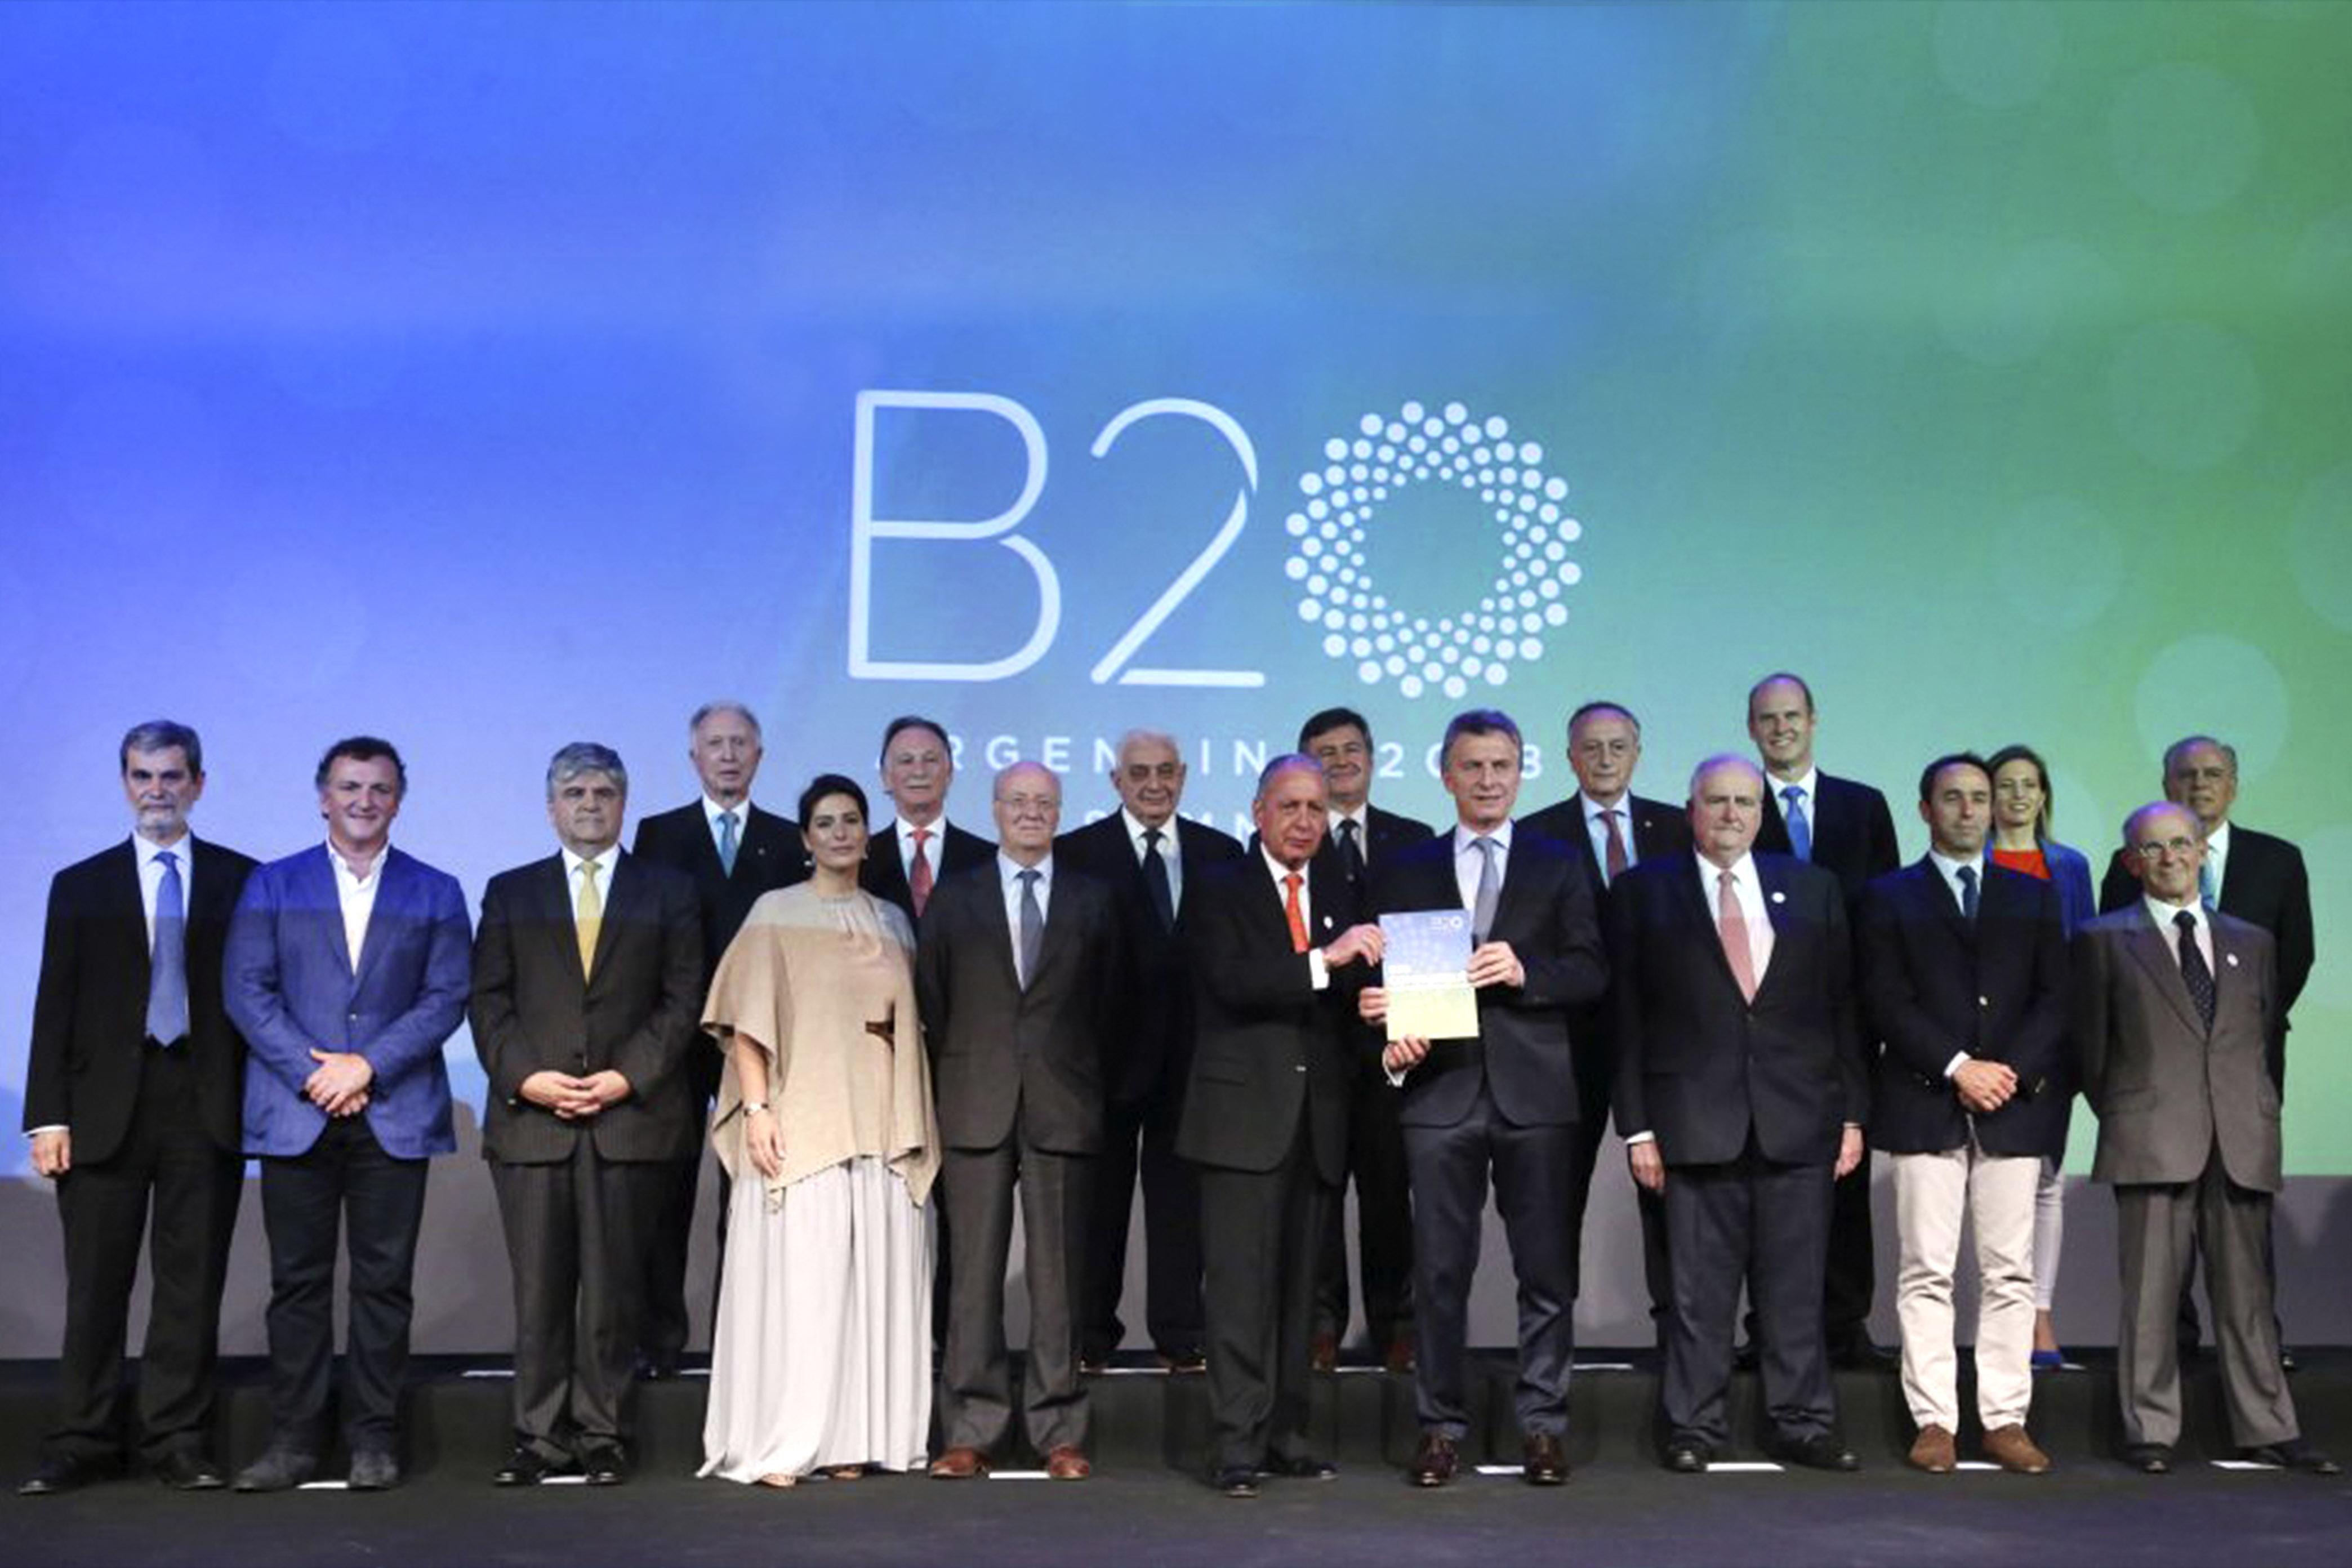 Mauricio Macri recibió el Comuniqué en el que trabajó el B20